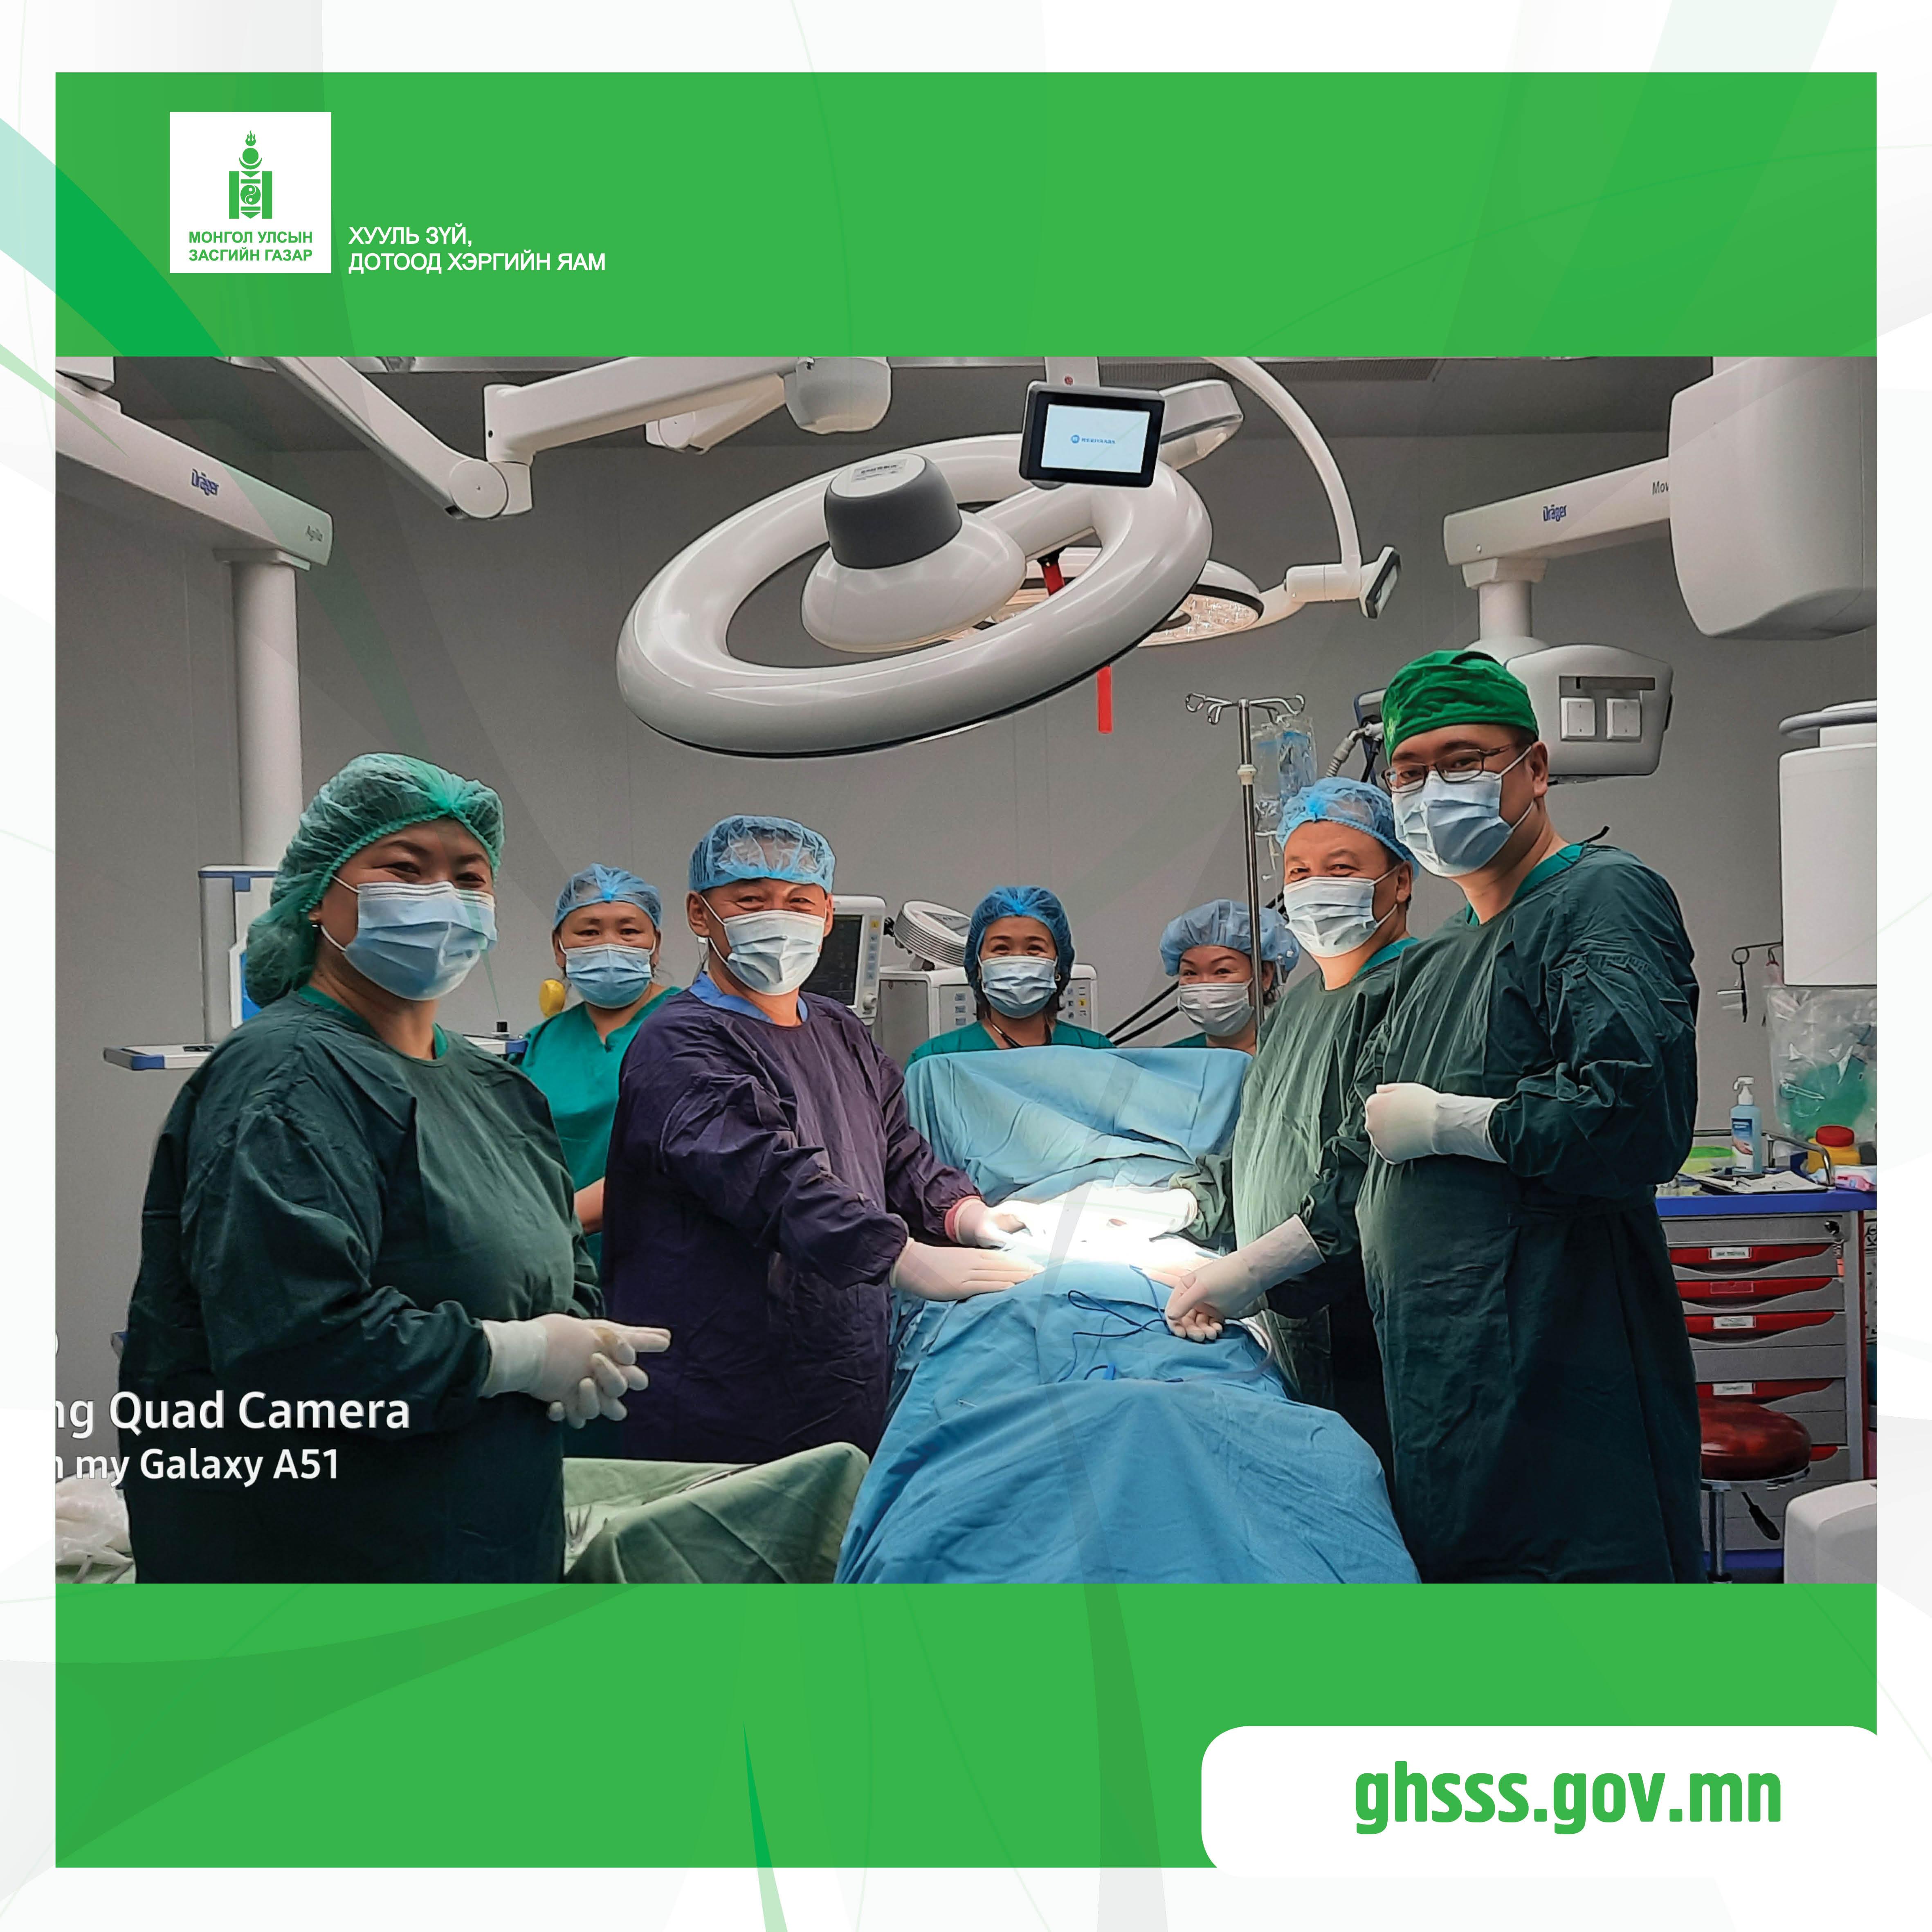 Төрийн тусгай албан хаагчдын нэгдсэн эмнэлэг Мэдрэлийн мэс заслын эмчилгээг тусламж үйлчилгээндээ нэвтрүүллээ